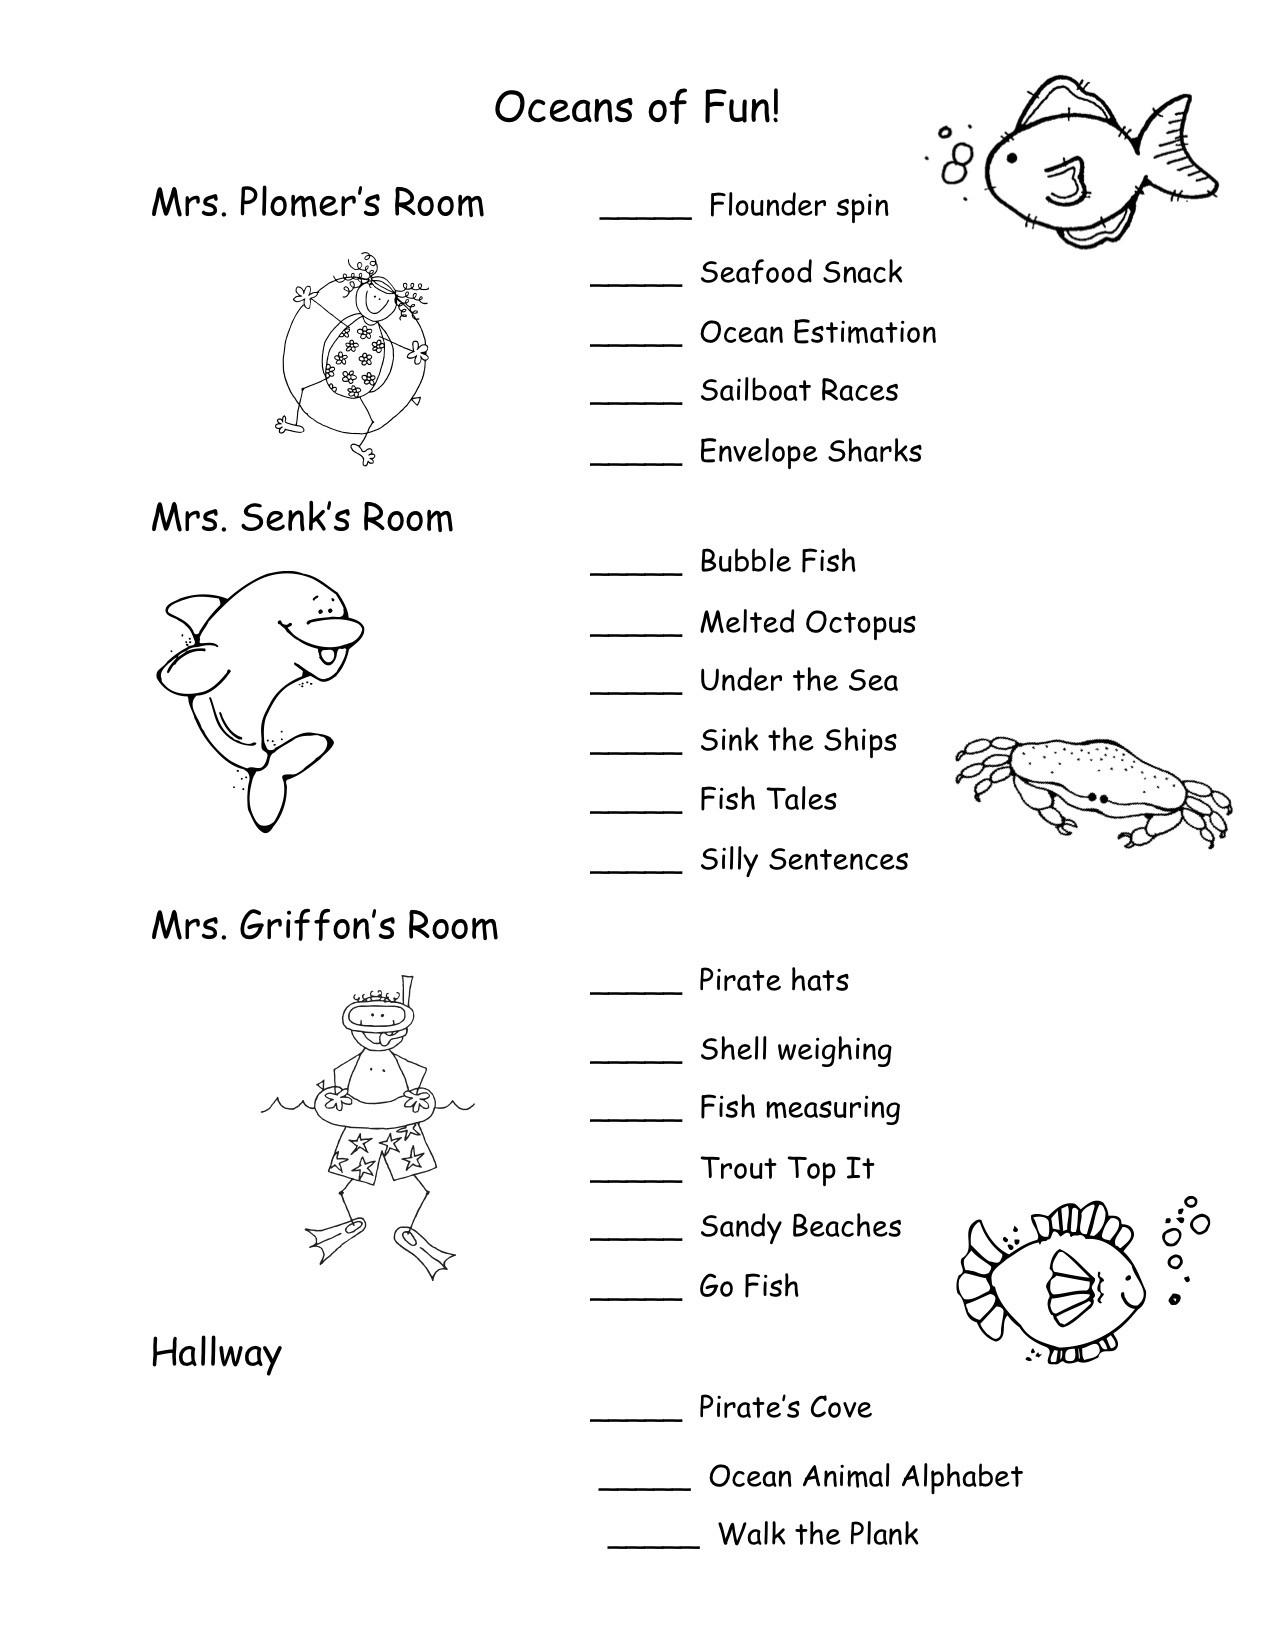 Oceans Worksheets for Kindergarten the Ocean